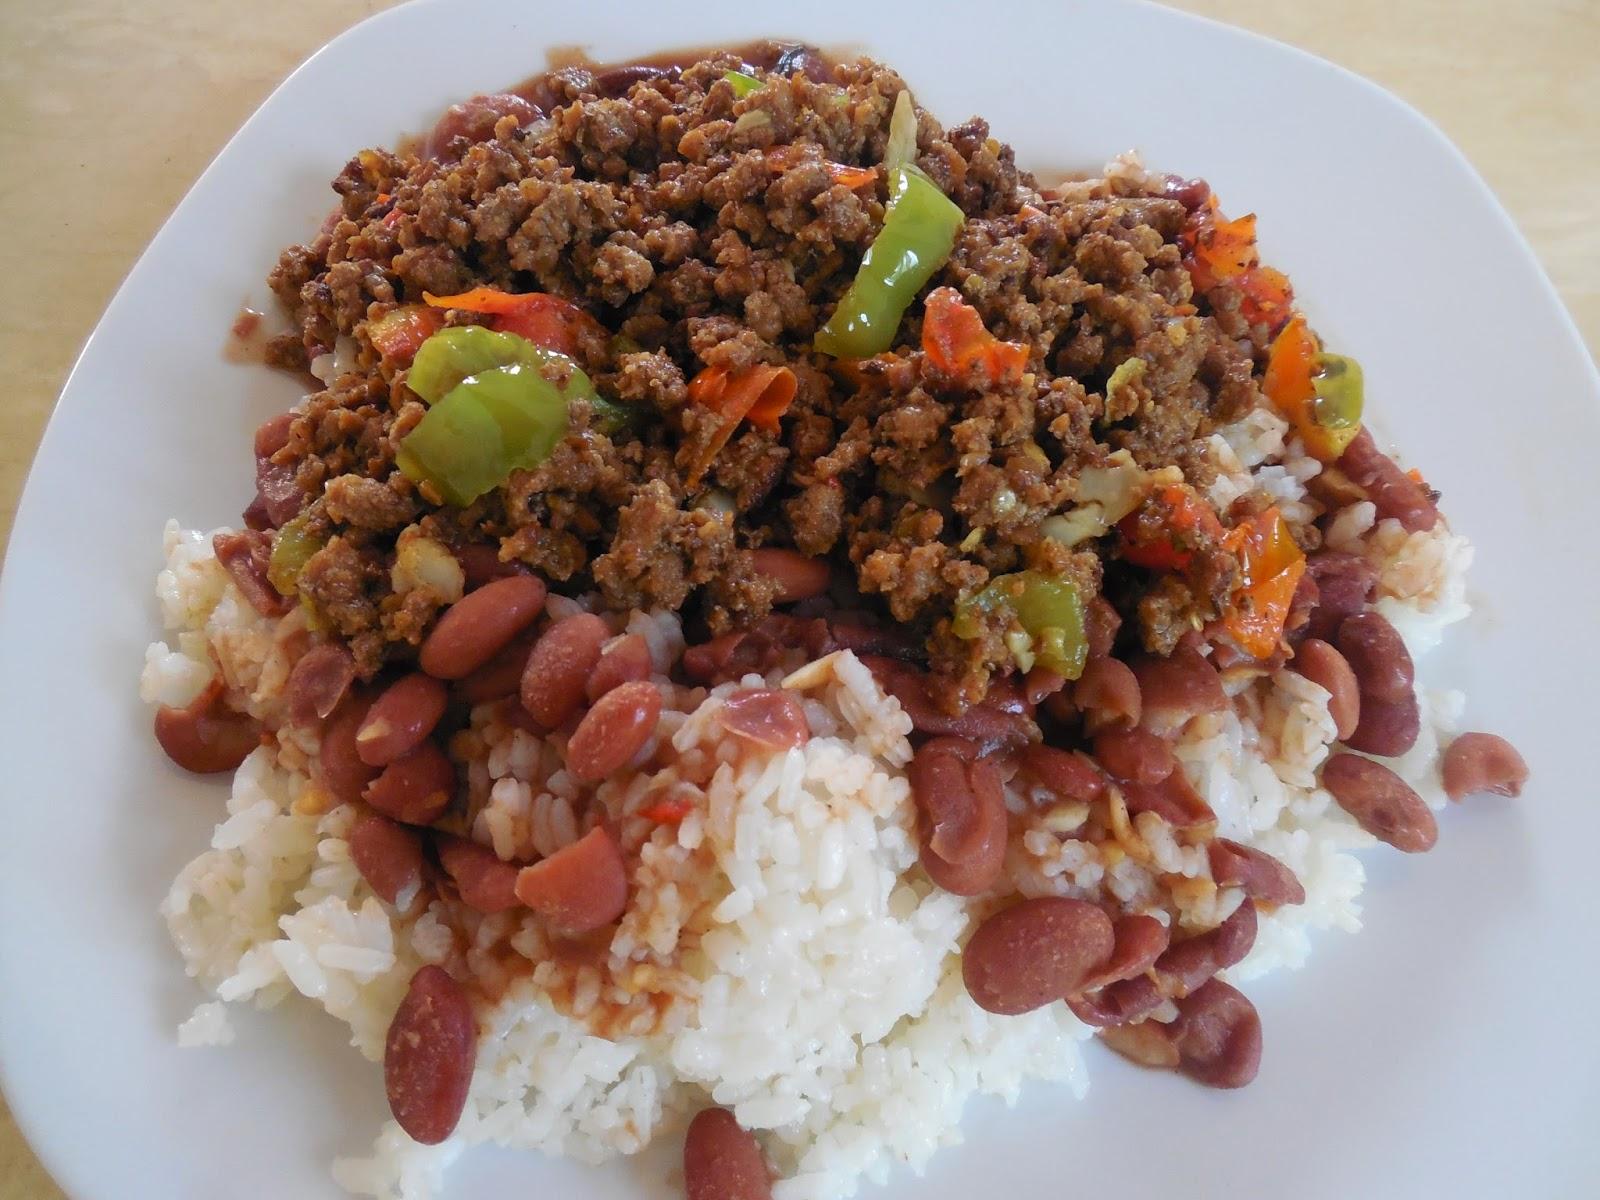 cocina casera rep250blica dominicana arroz blanco